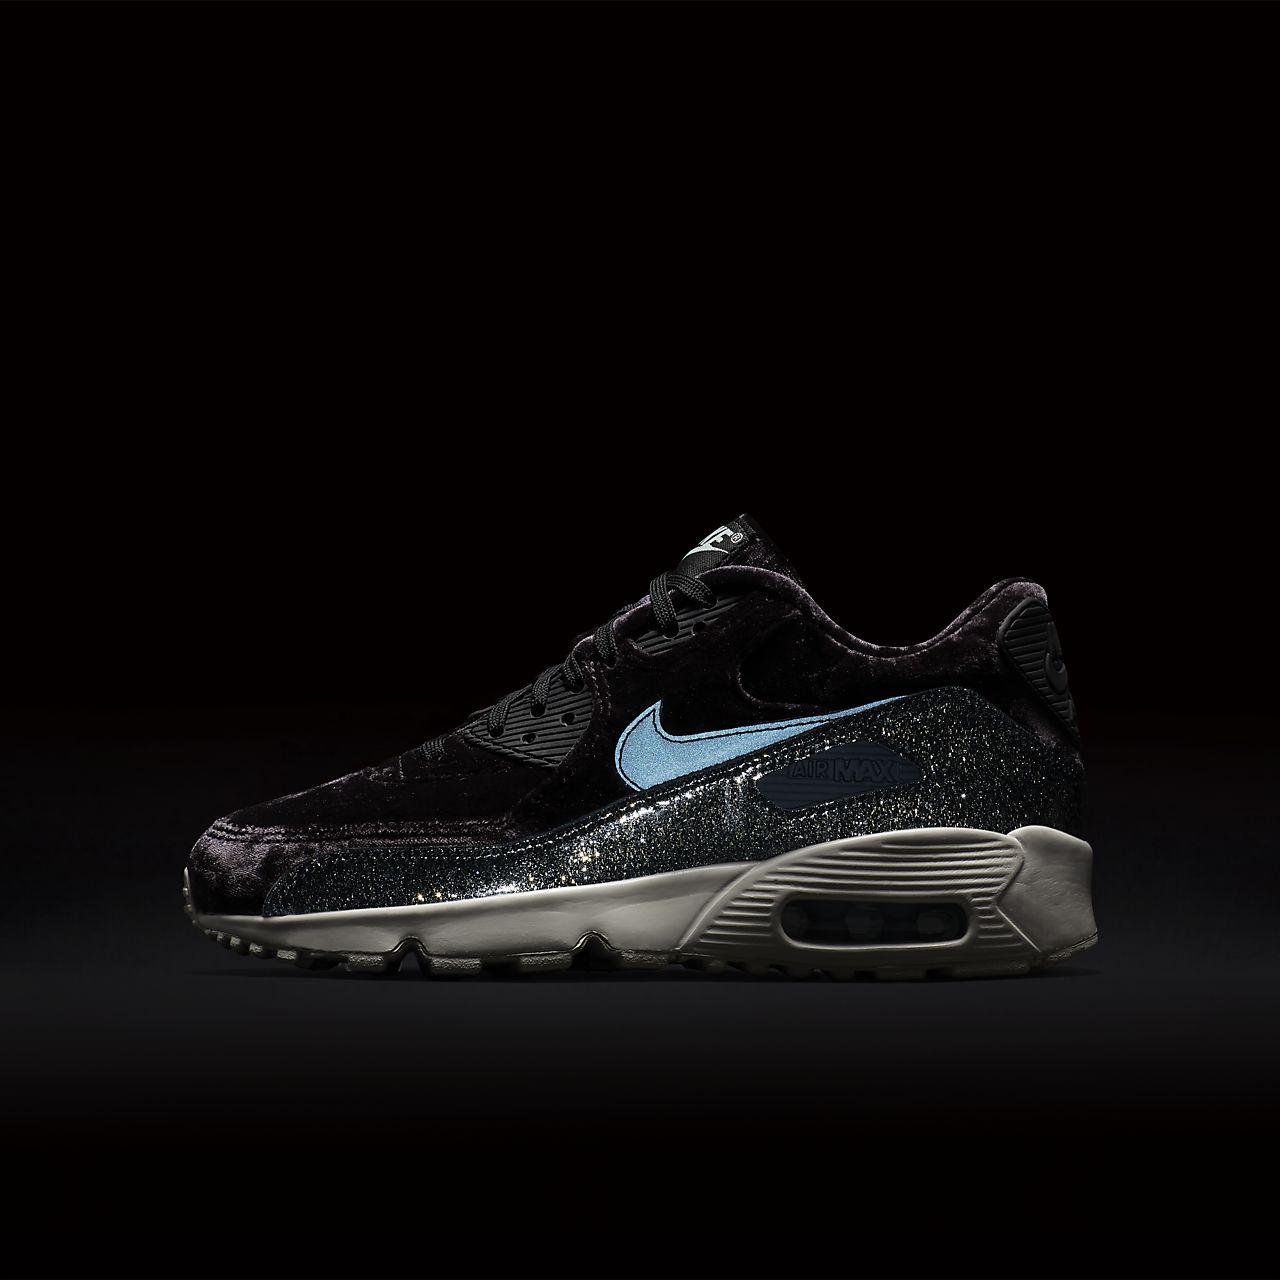 ... Nike Air Max 90 Pinnacle QS Big Kids' Shoe